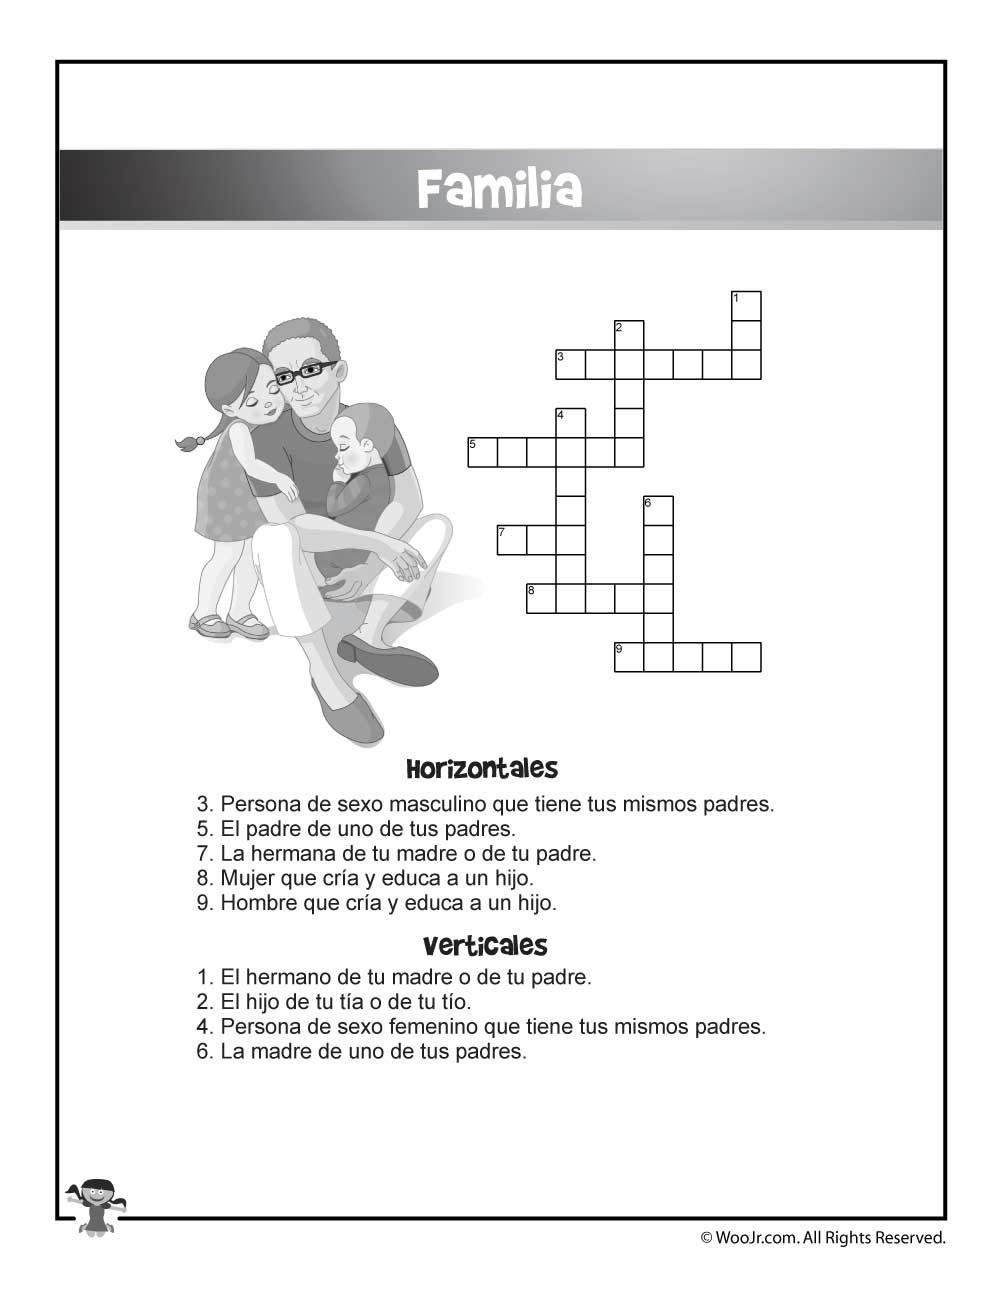 La Familia Worksheet In Spanish